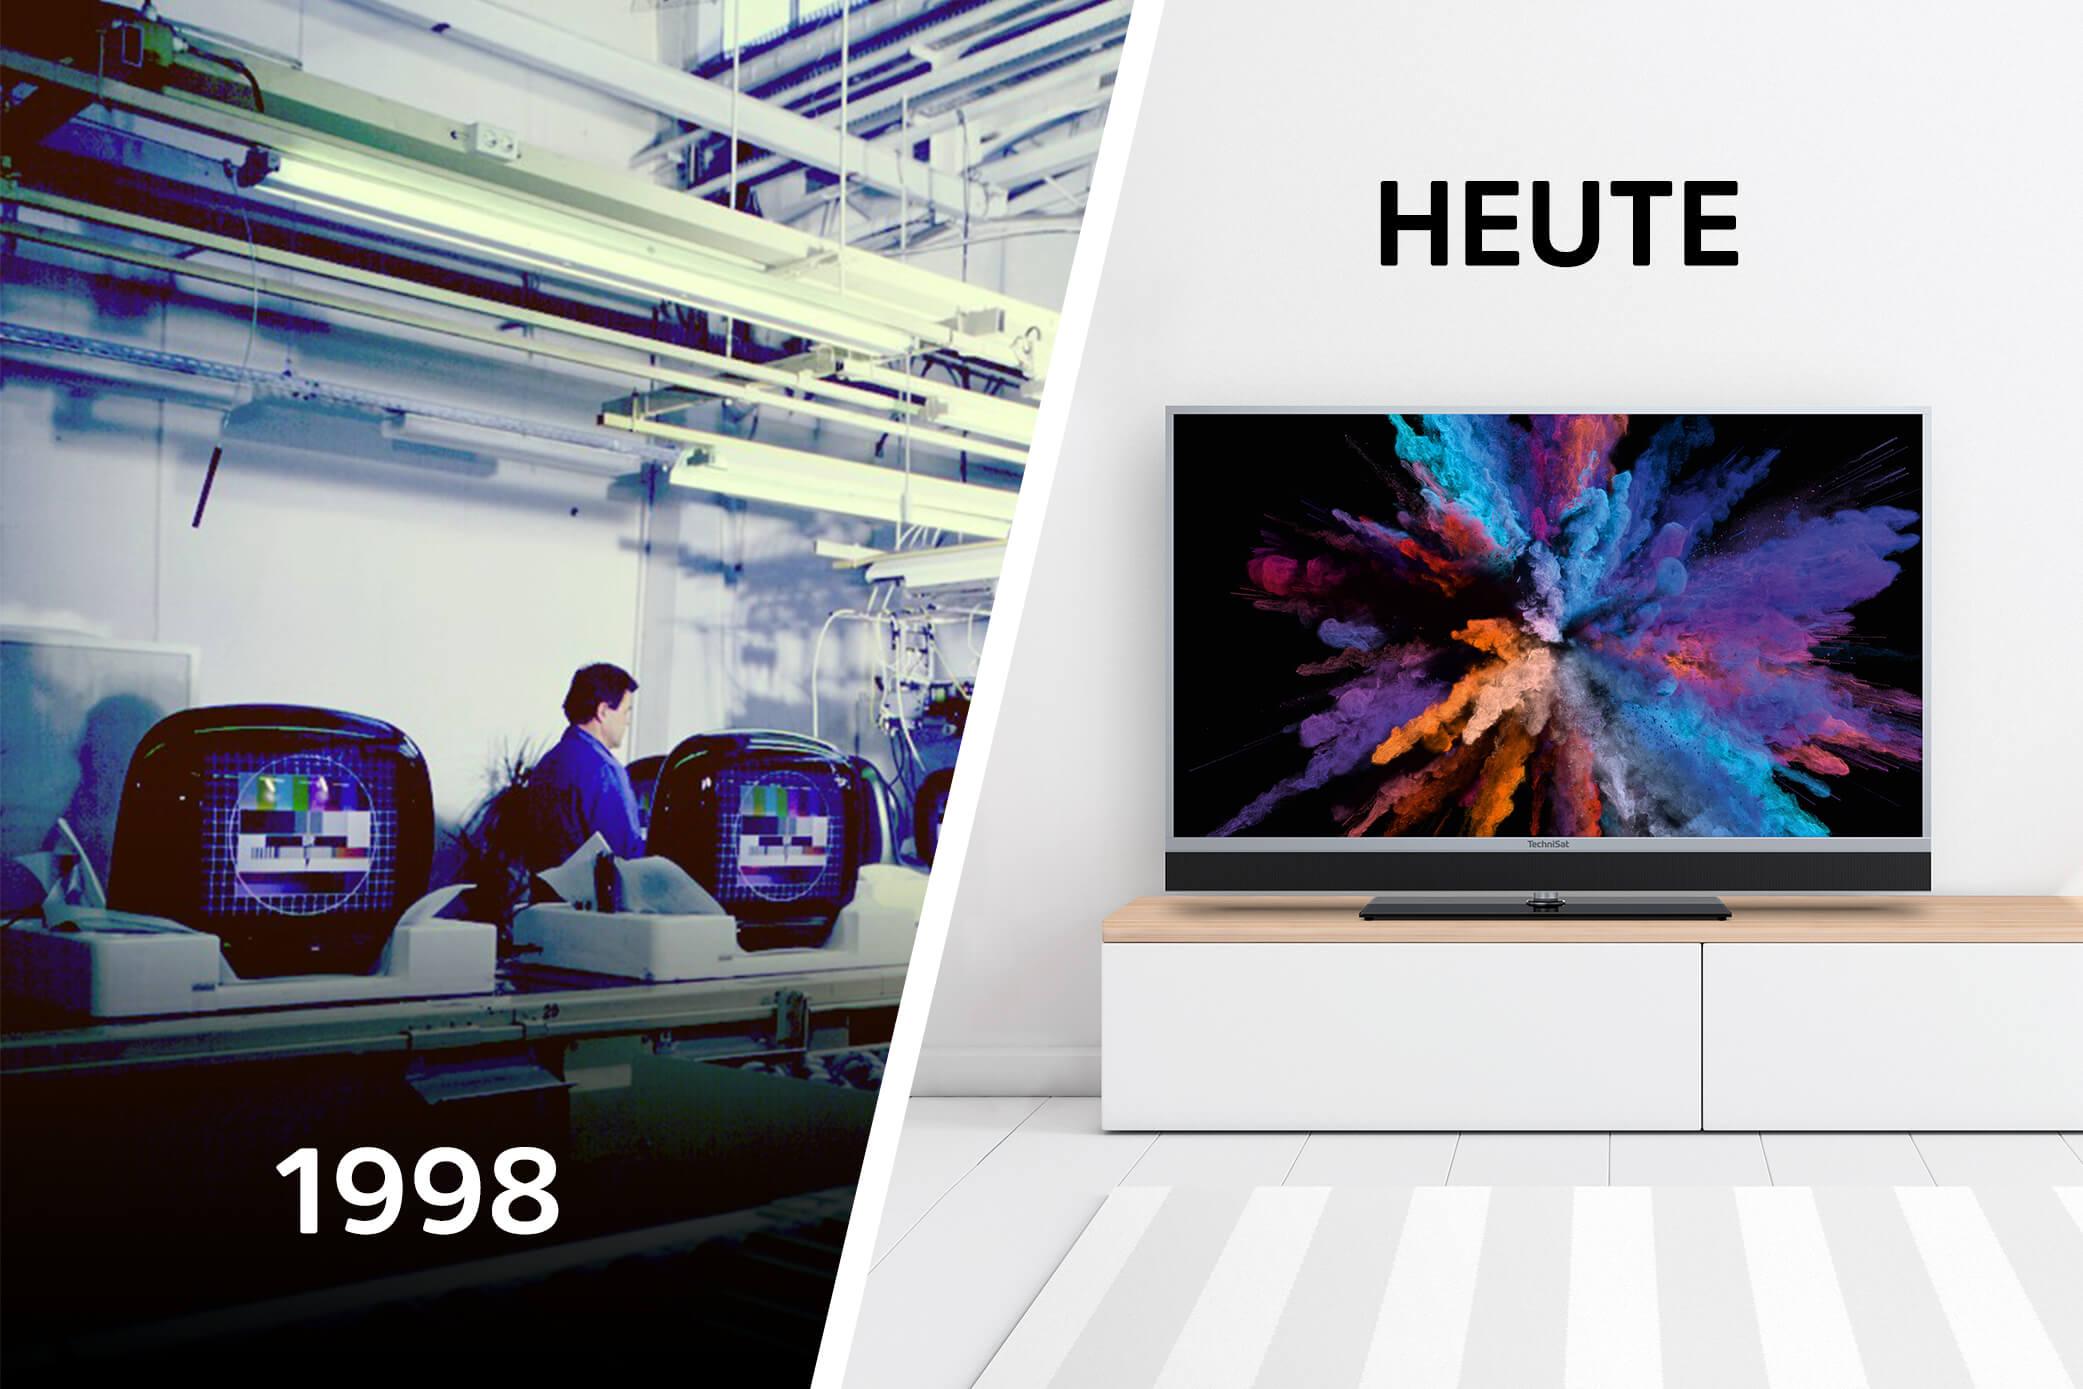 Großes TV-Jubiläum. Deutschland feiert mehr als 65 Jahre regelmäßiges Fernsehen